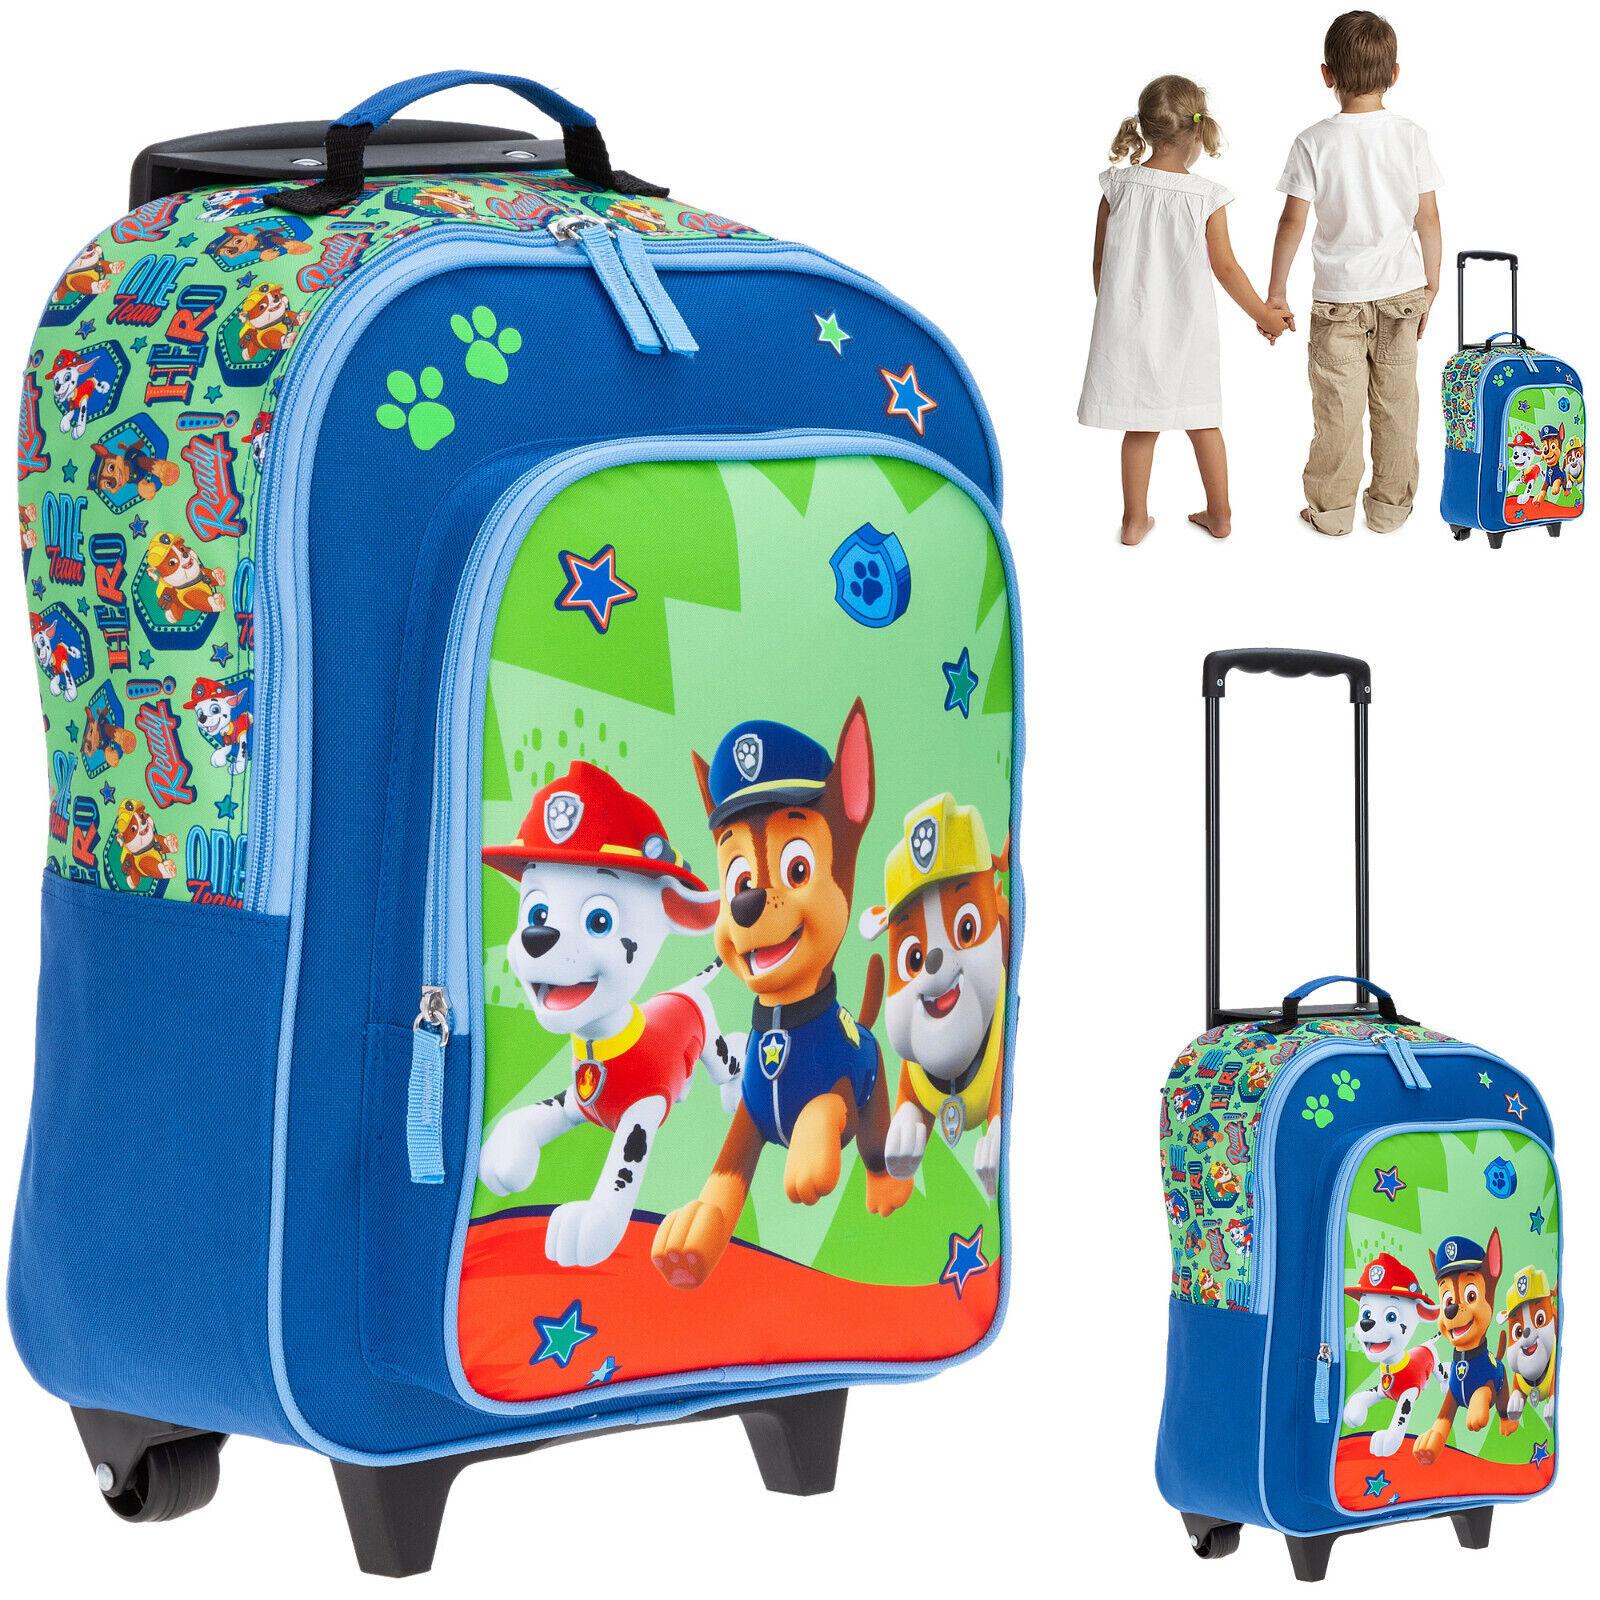 Kinderkoffer Paw Patrol Kindertrolley Spielkoffer Jungen Mädchen 20579 0600 Grün